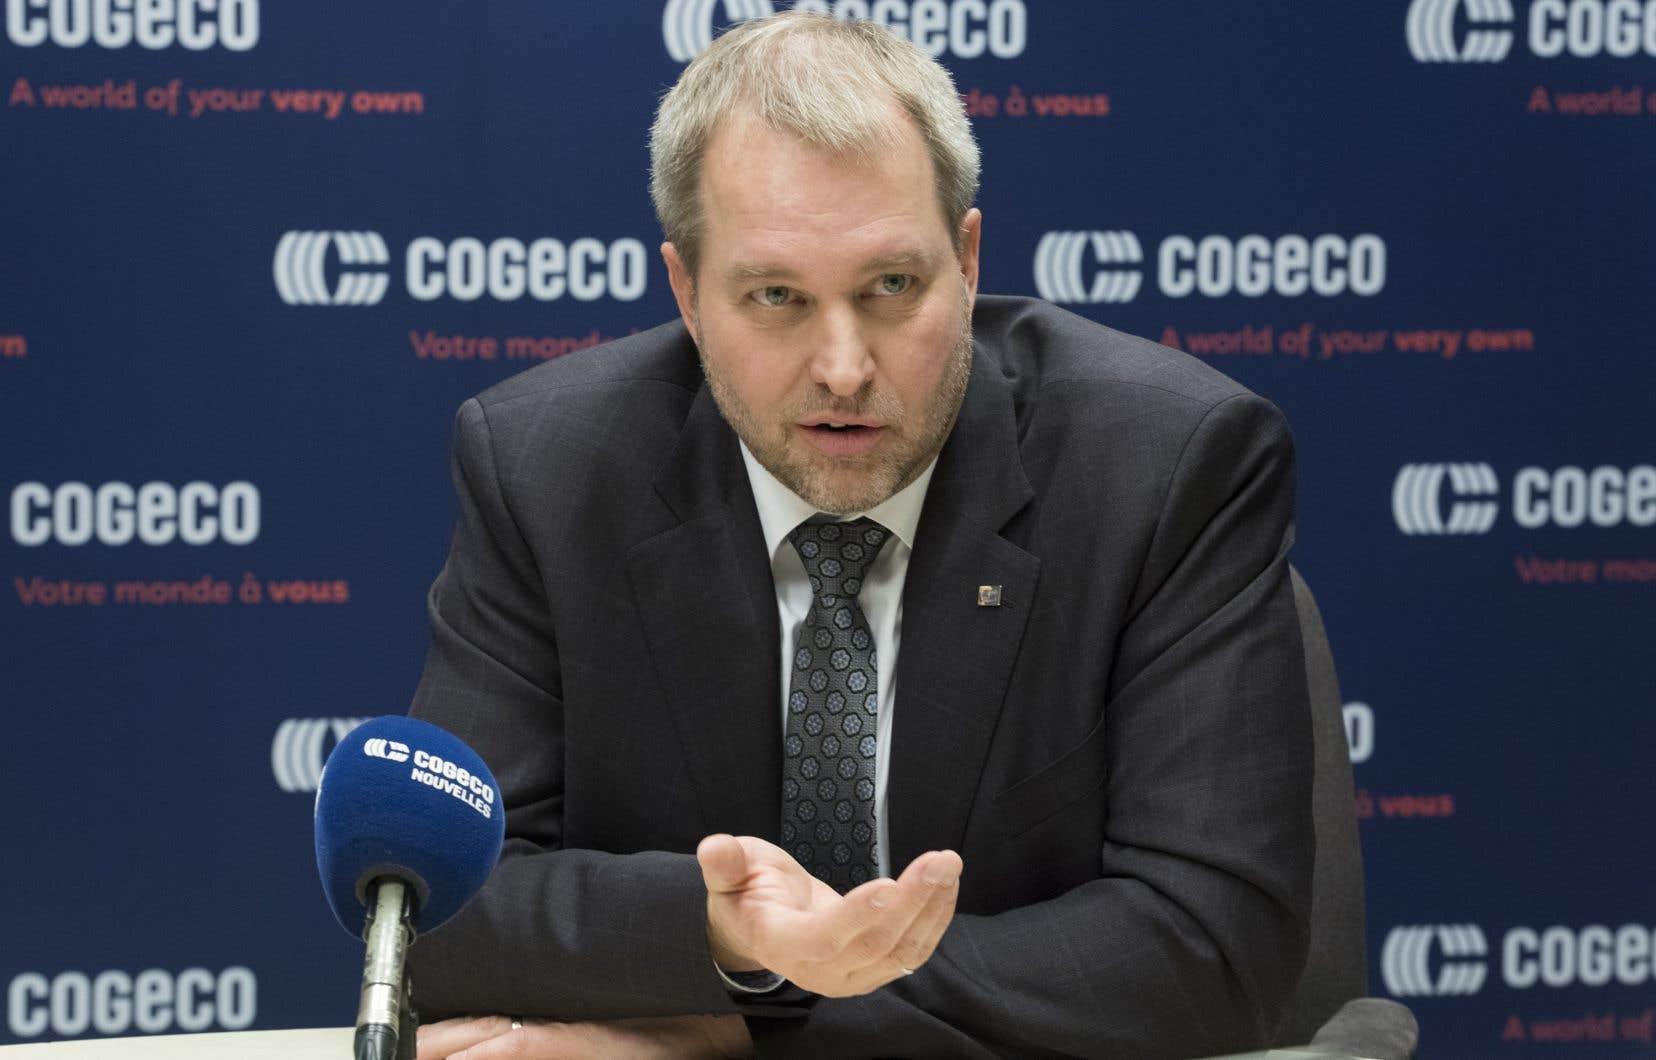 Le chef de la direction de Cogeco, Philippe Jetté